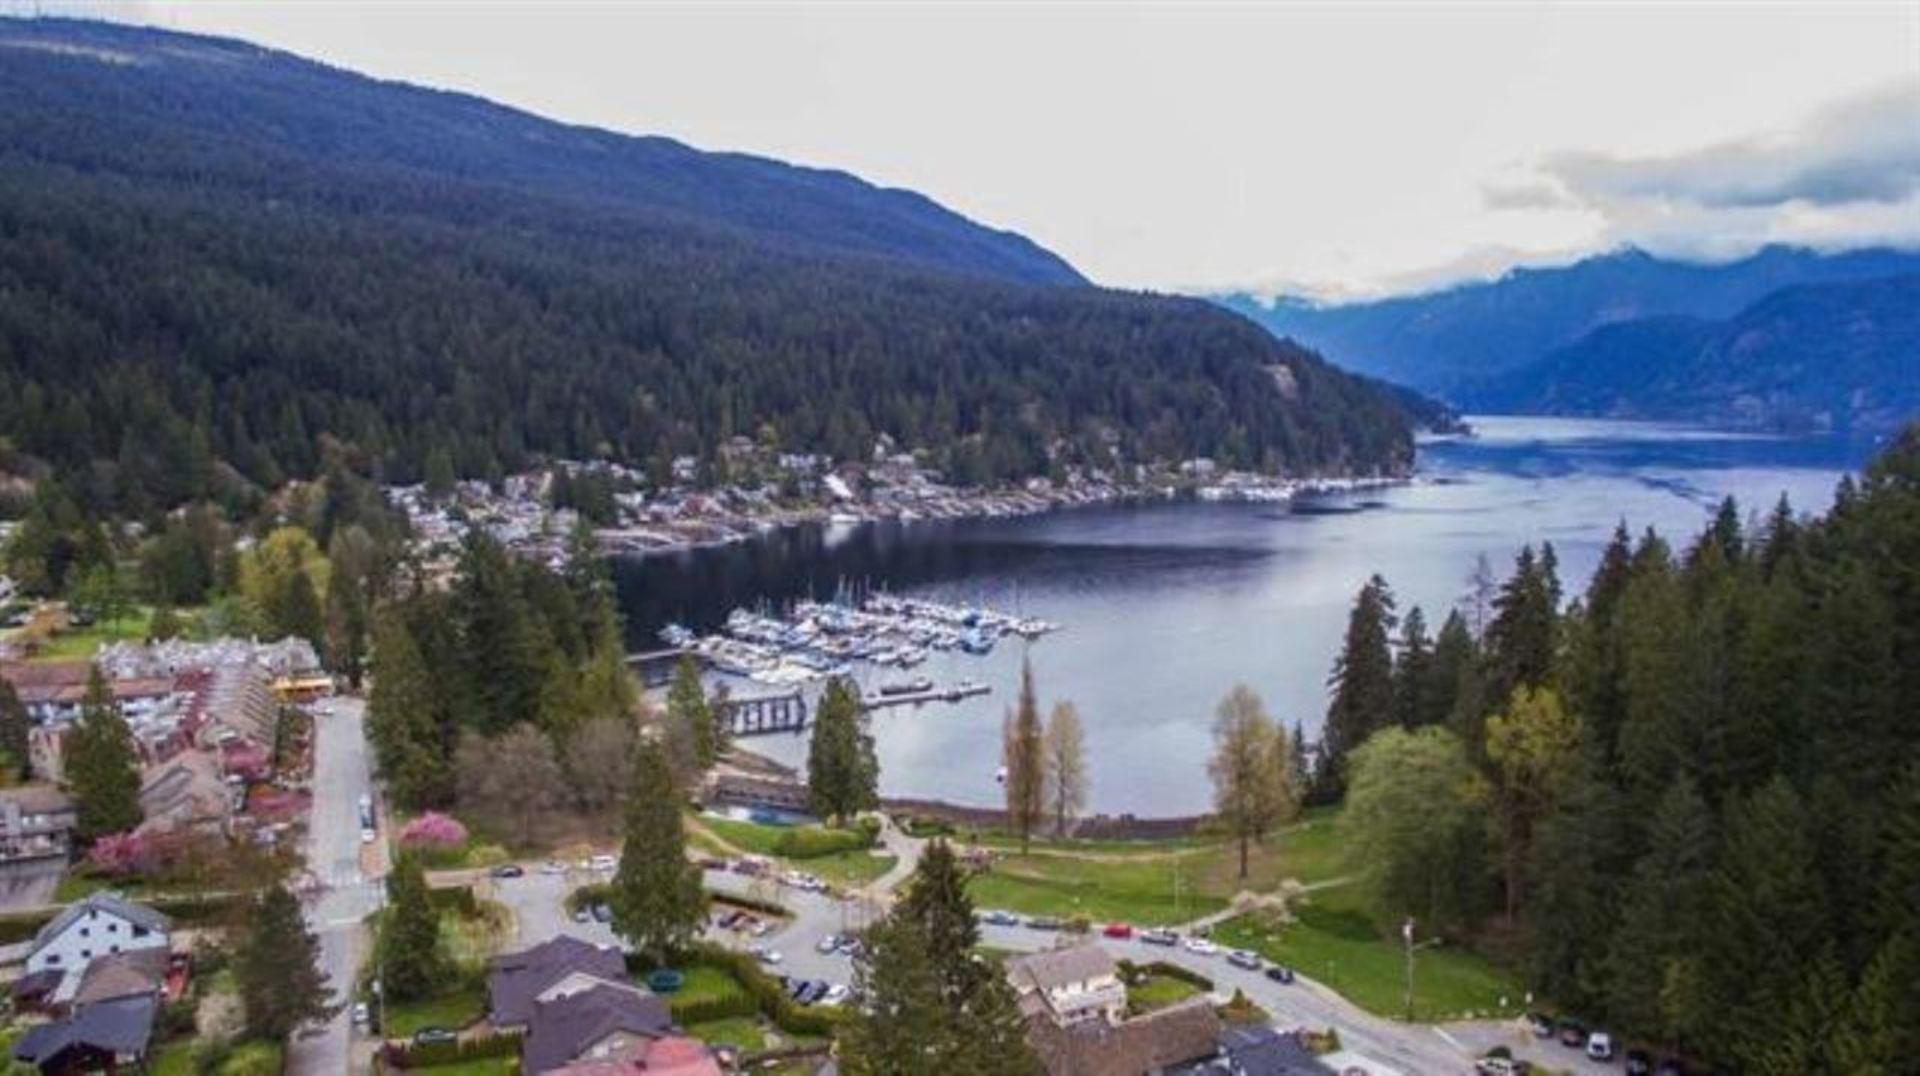 301-n-dollarton-highway-dollarton-north-vancouver-10 at 301 N Dollarton Highway, Dollarton, North Vancouver